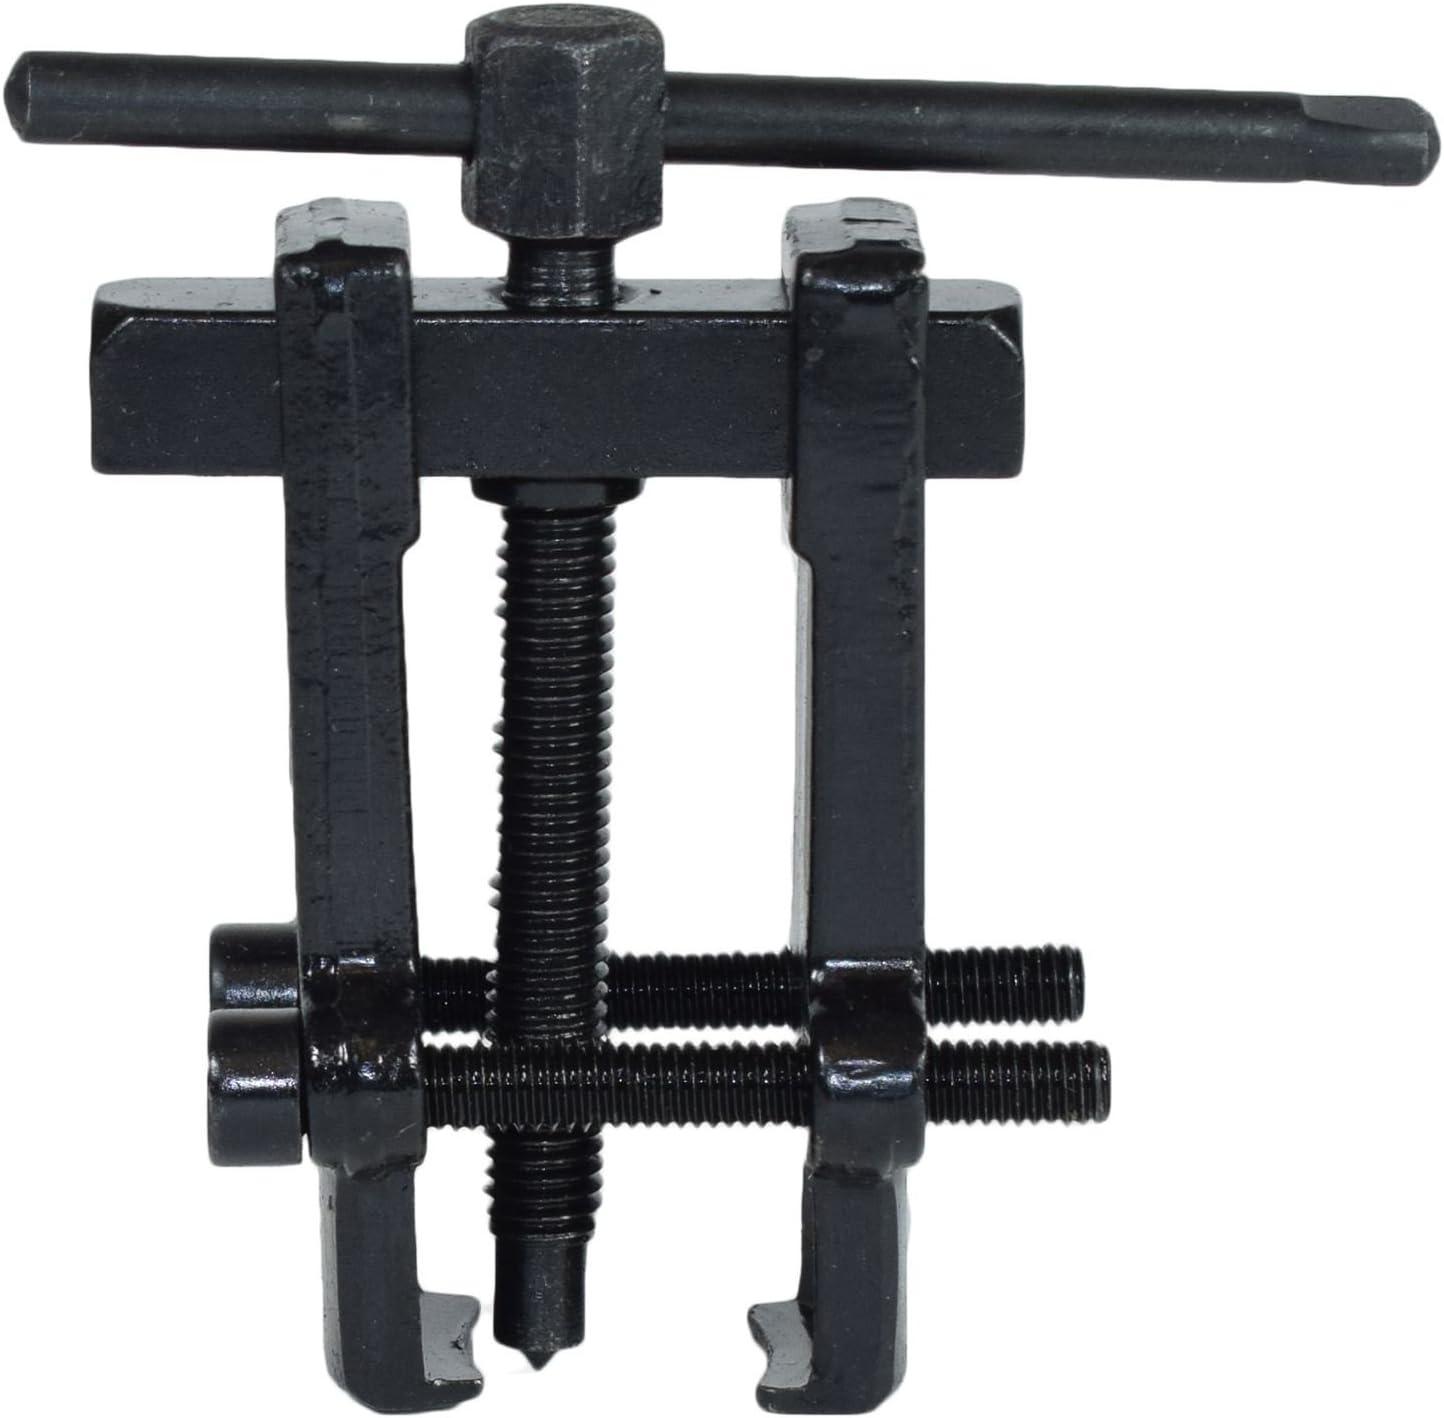 AB Tools-US Pro Petit extracteur de Joint de roulement induit Remover 19mm 35mm Bergen